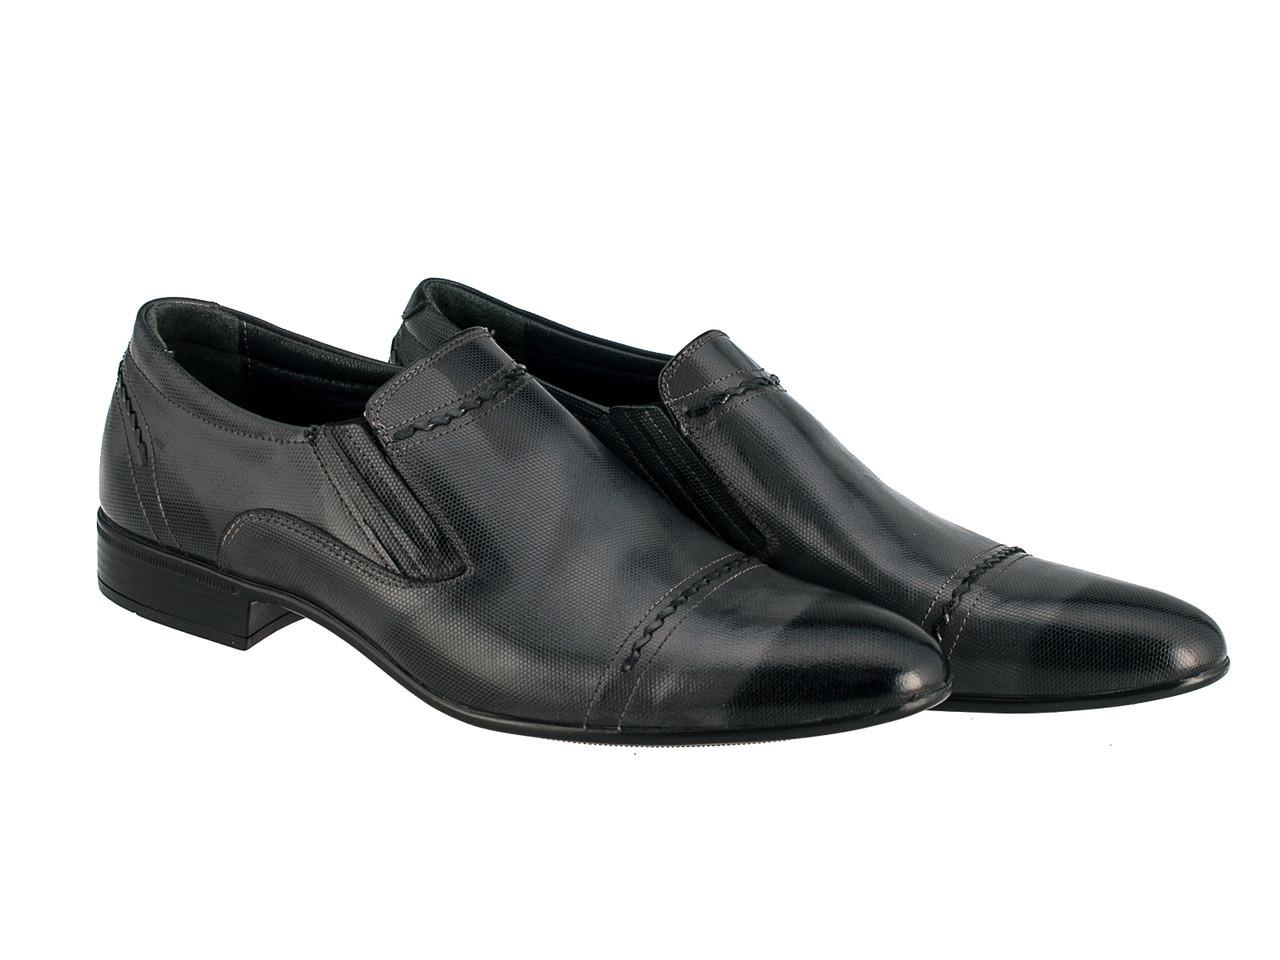 Туфли Etor 10346-826 44 серые